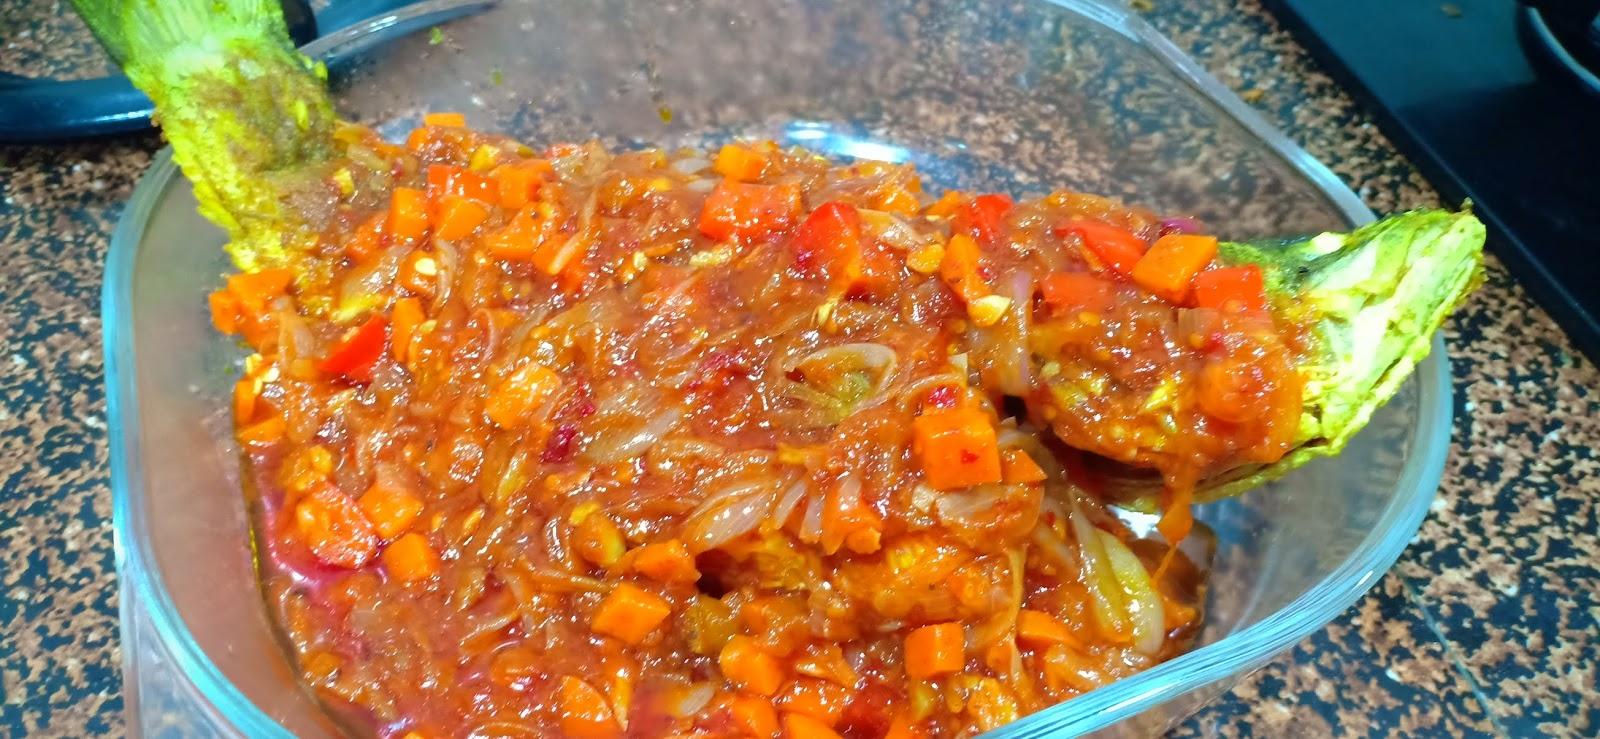 Resepi cara masak ikan siakap 3 rasa paling mudah dan sedap